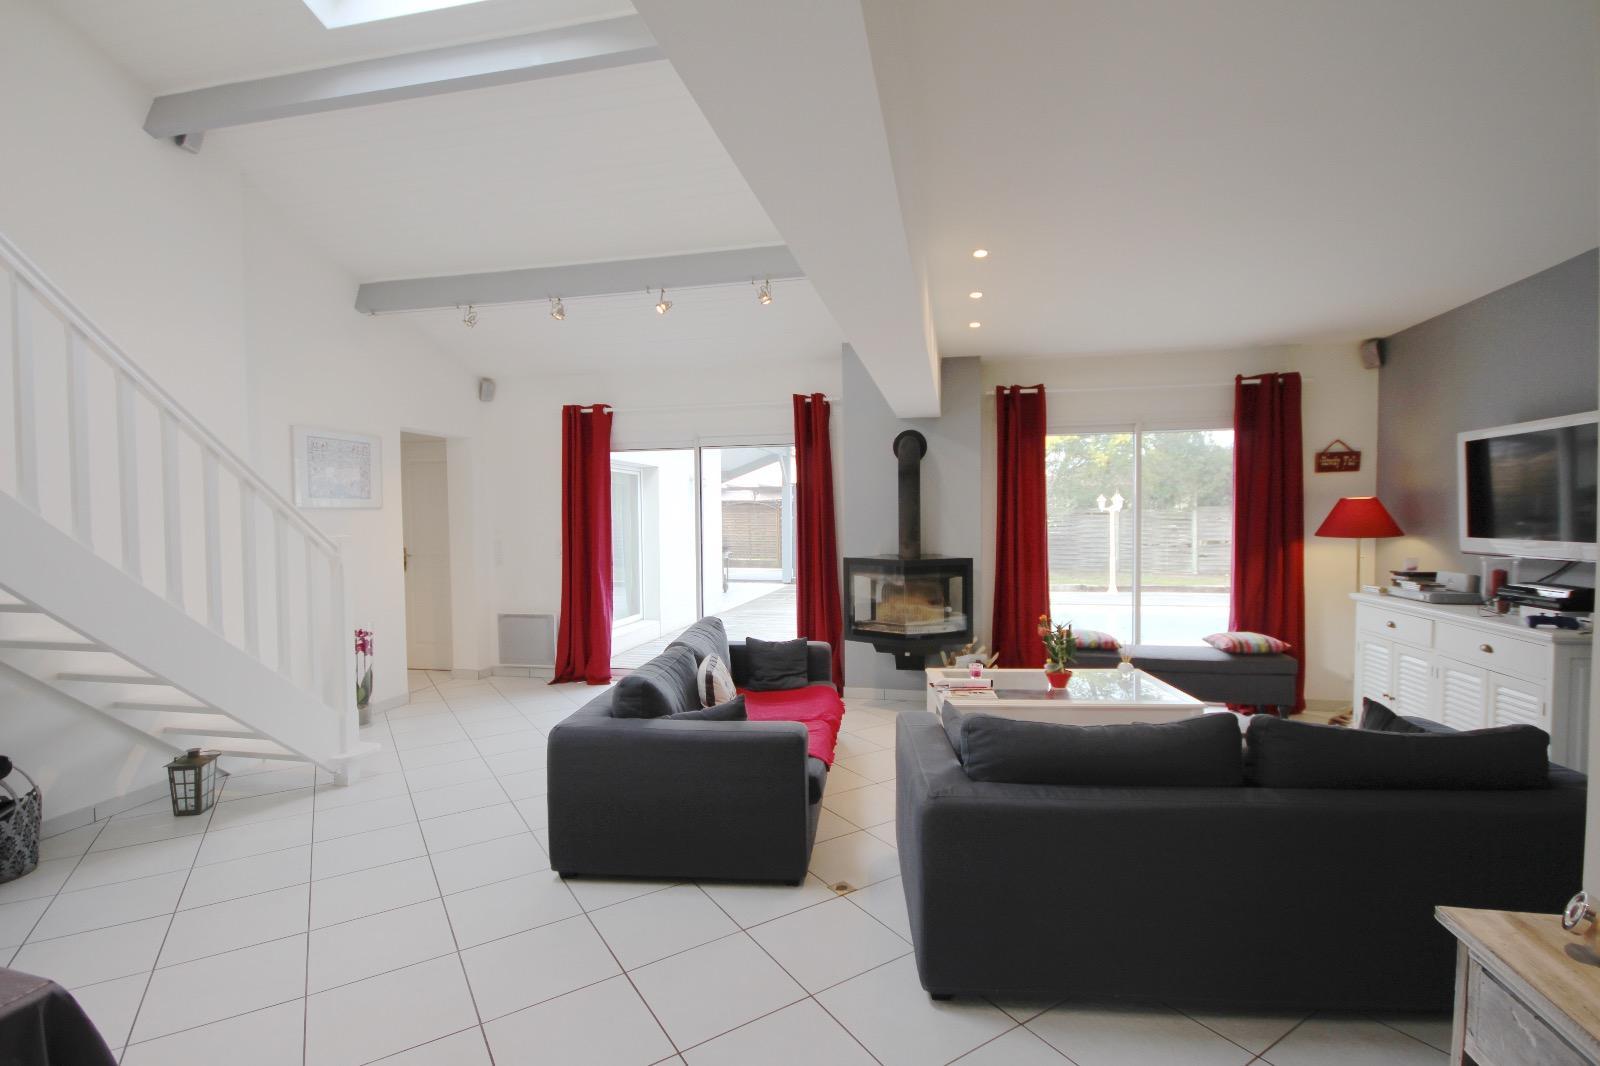 vente villa gujan mestras 33470 136m avec 6 pi ce s dont 4 chambre s sur 790m de terrain. Black Bedroom Furniture Sets. Home Design Ideas